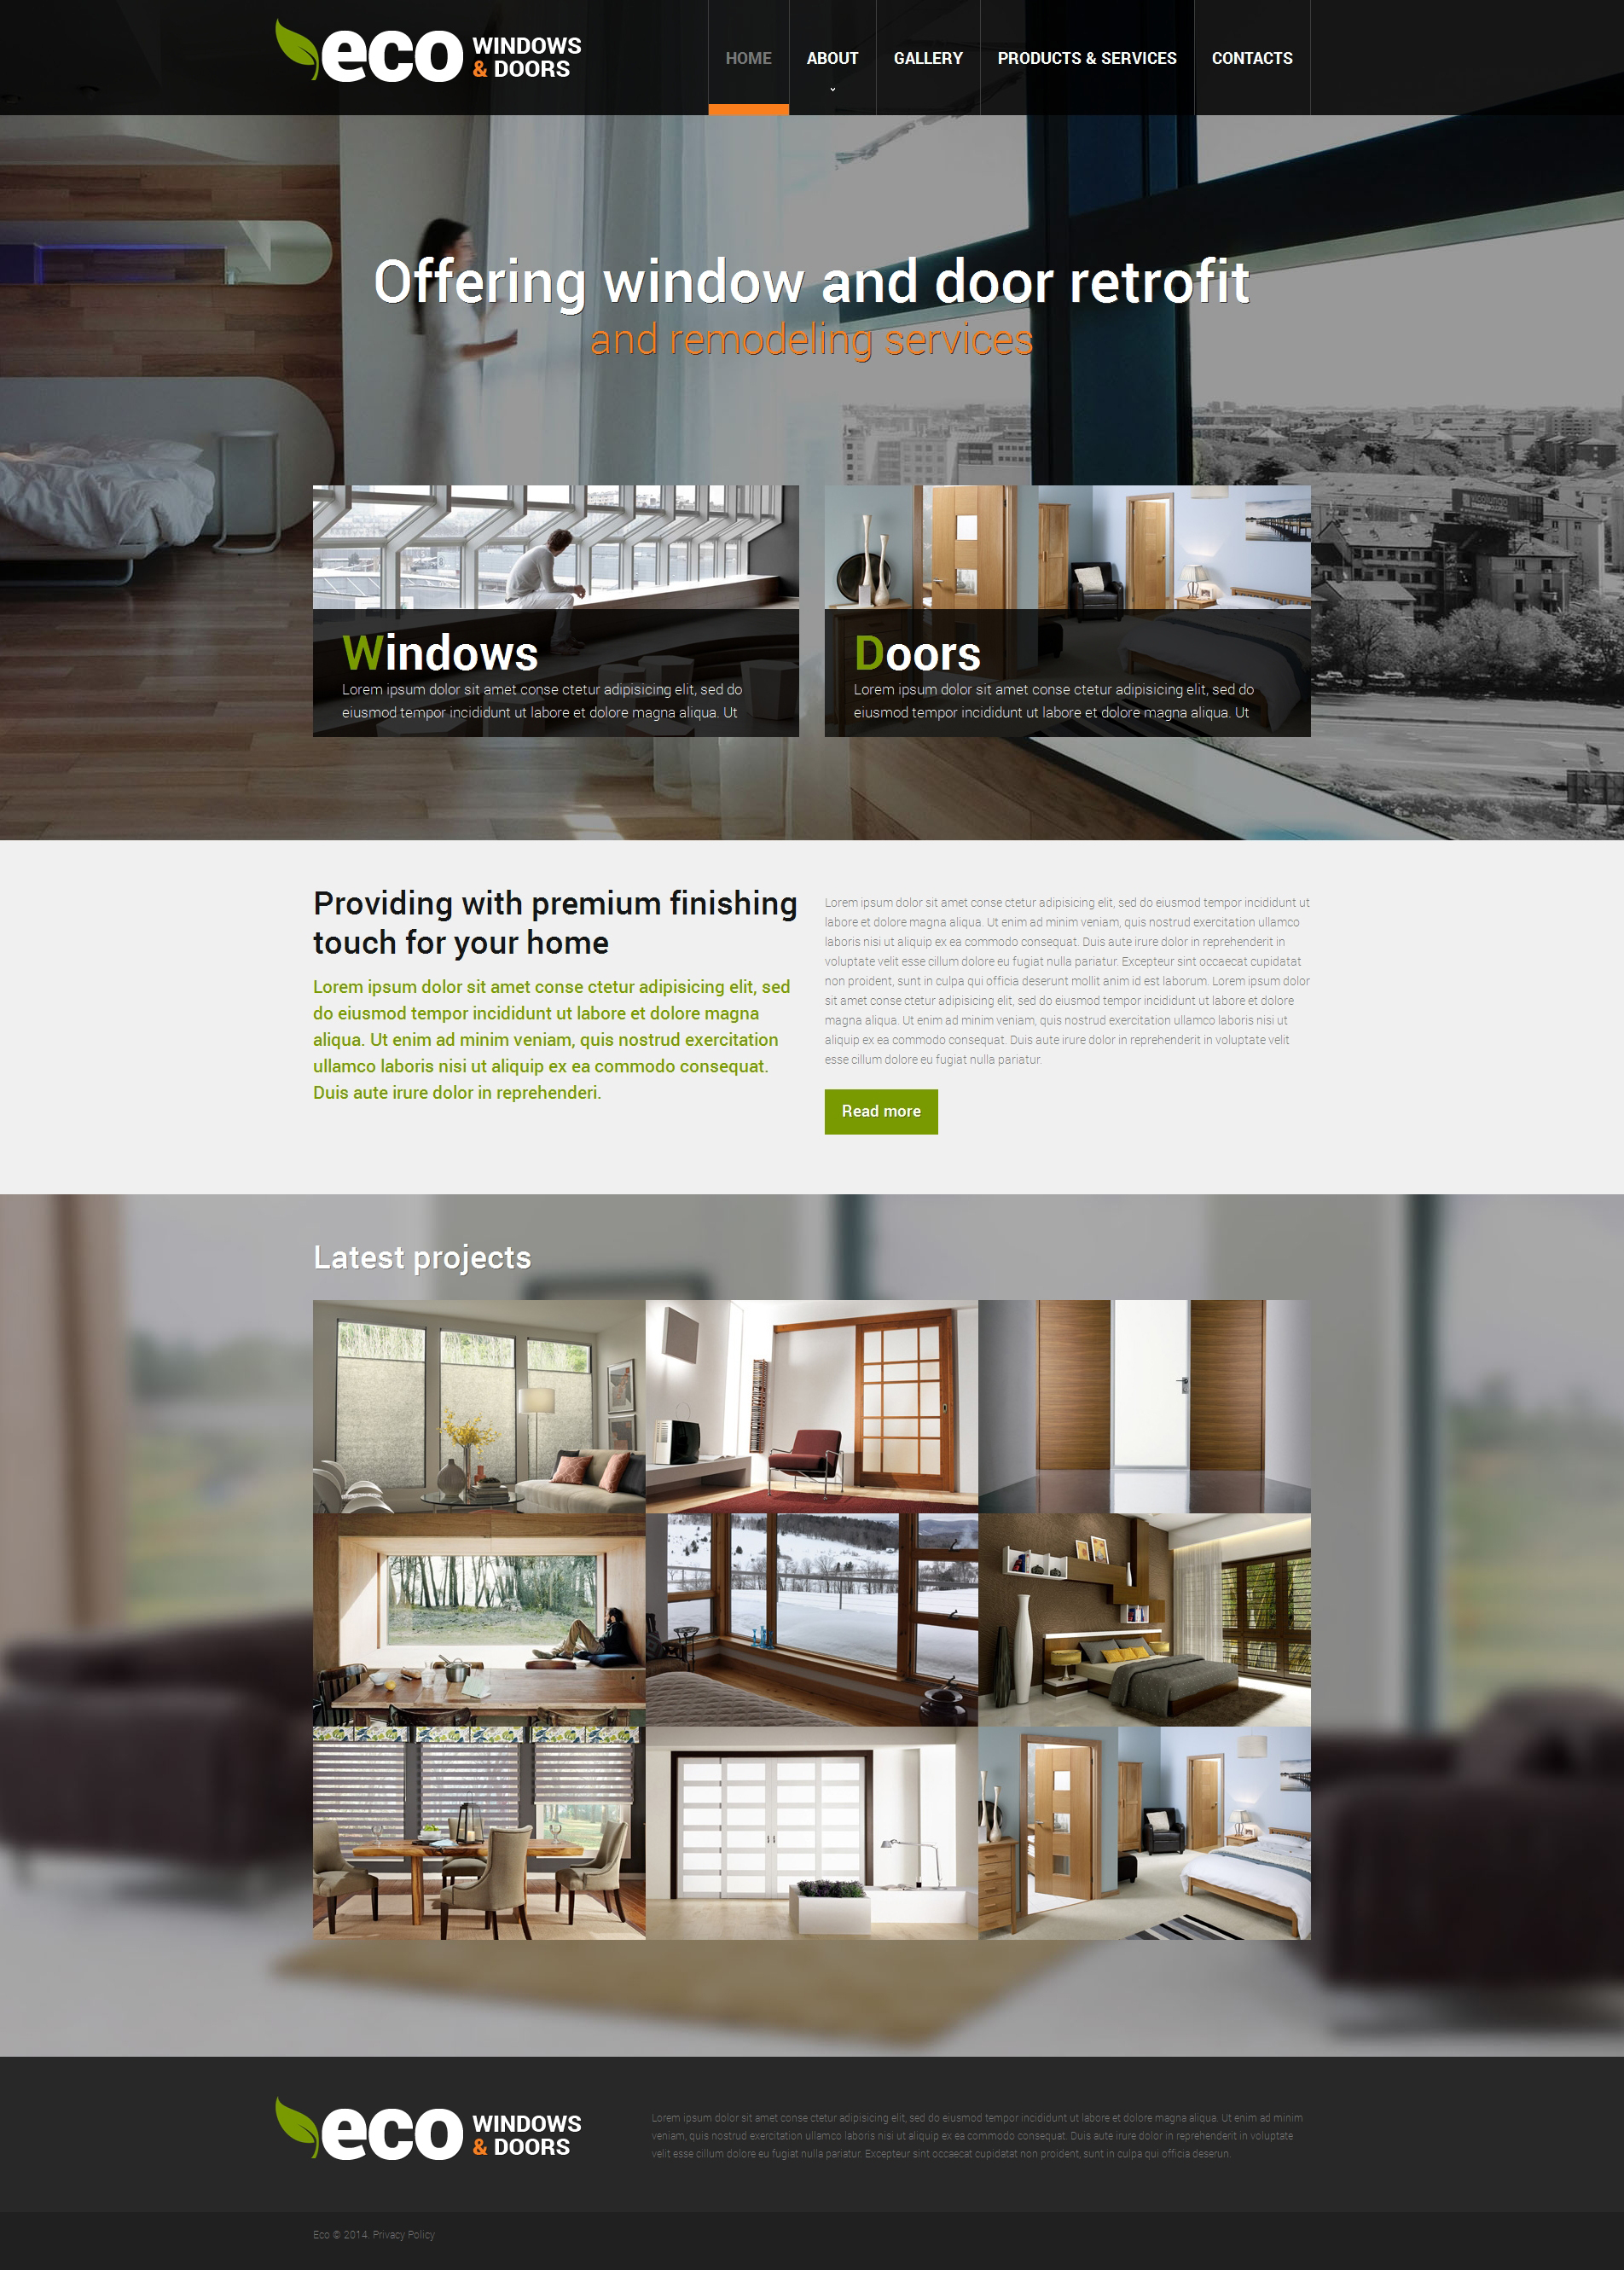 Modèle Web adaptatif pour site d'entreprises de fenêtres #49272 - screenshot